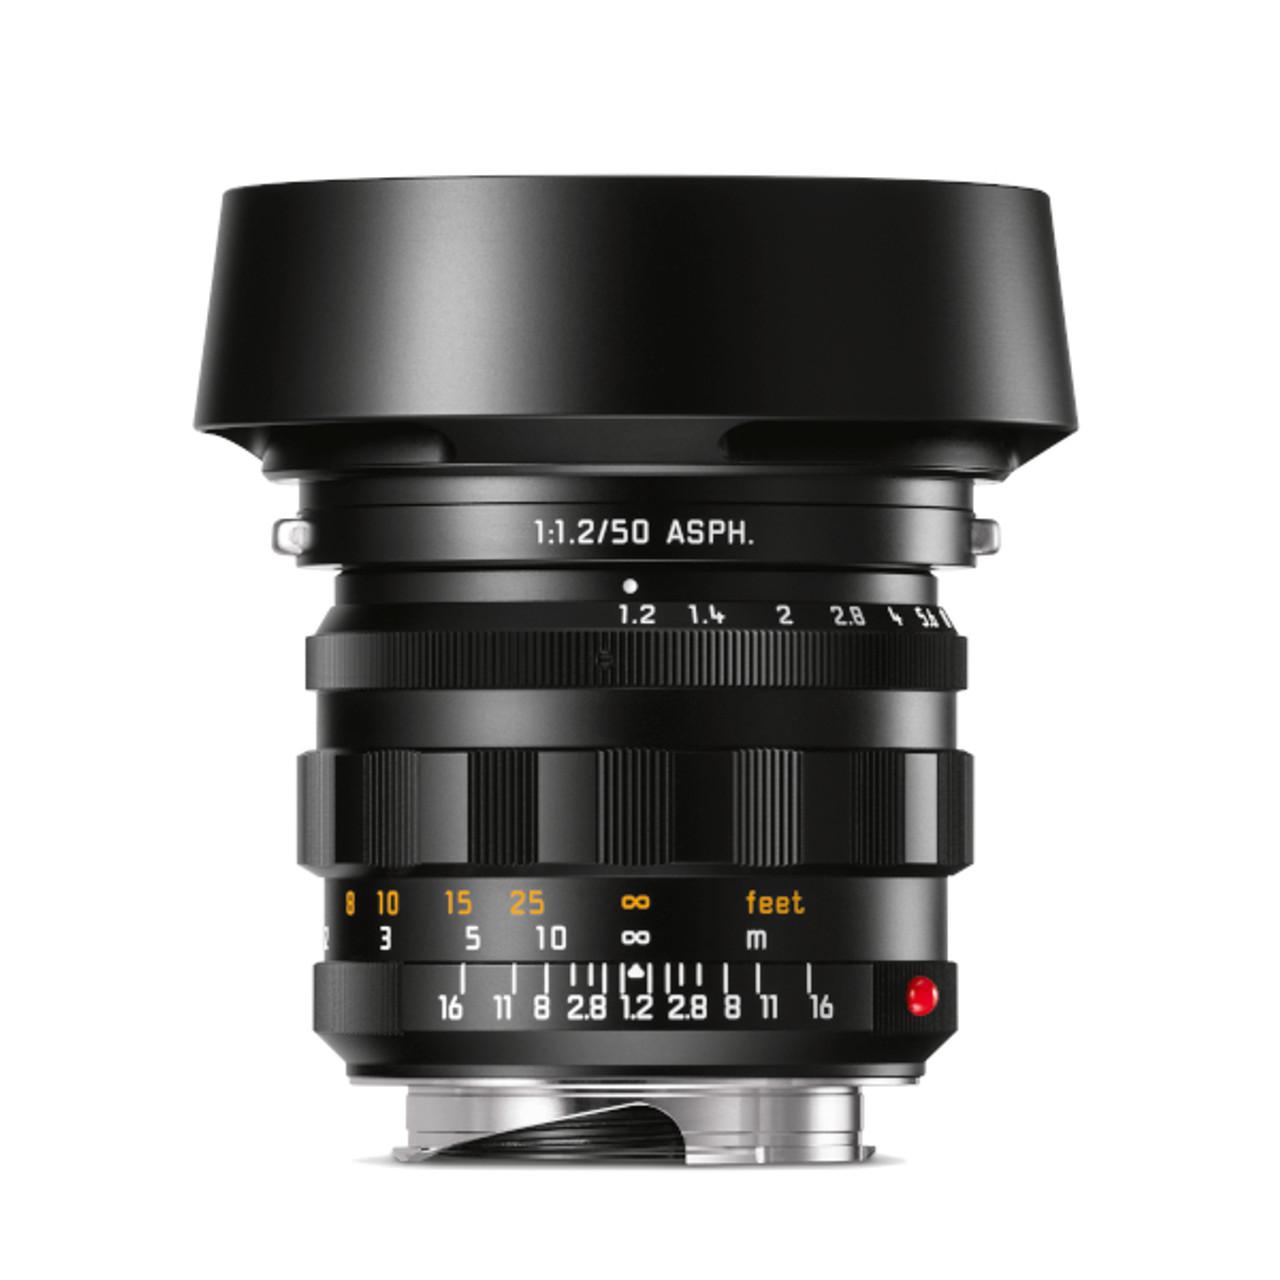 Leica Noctilux-M 50 f/1.2 ASPH Black